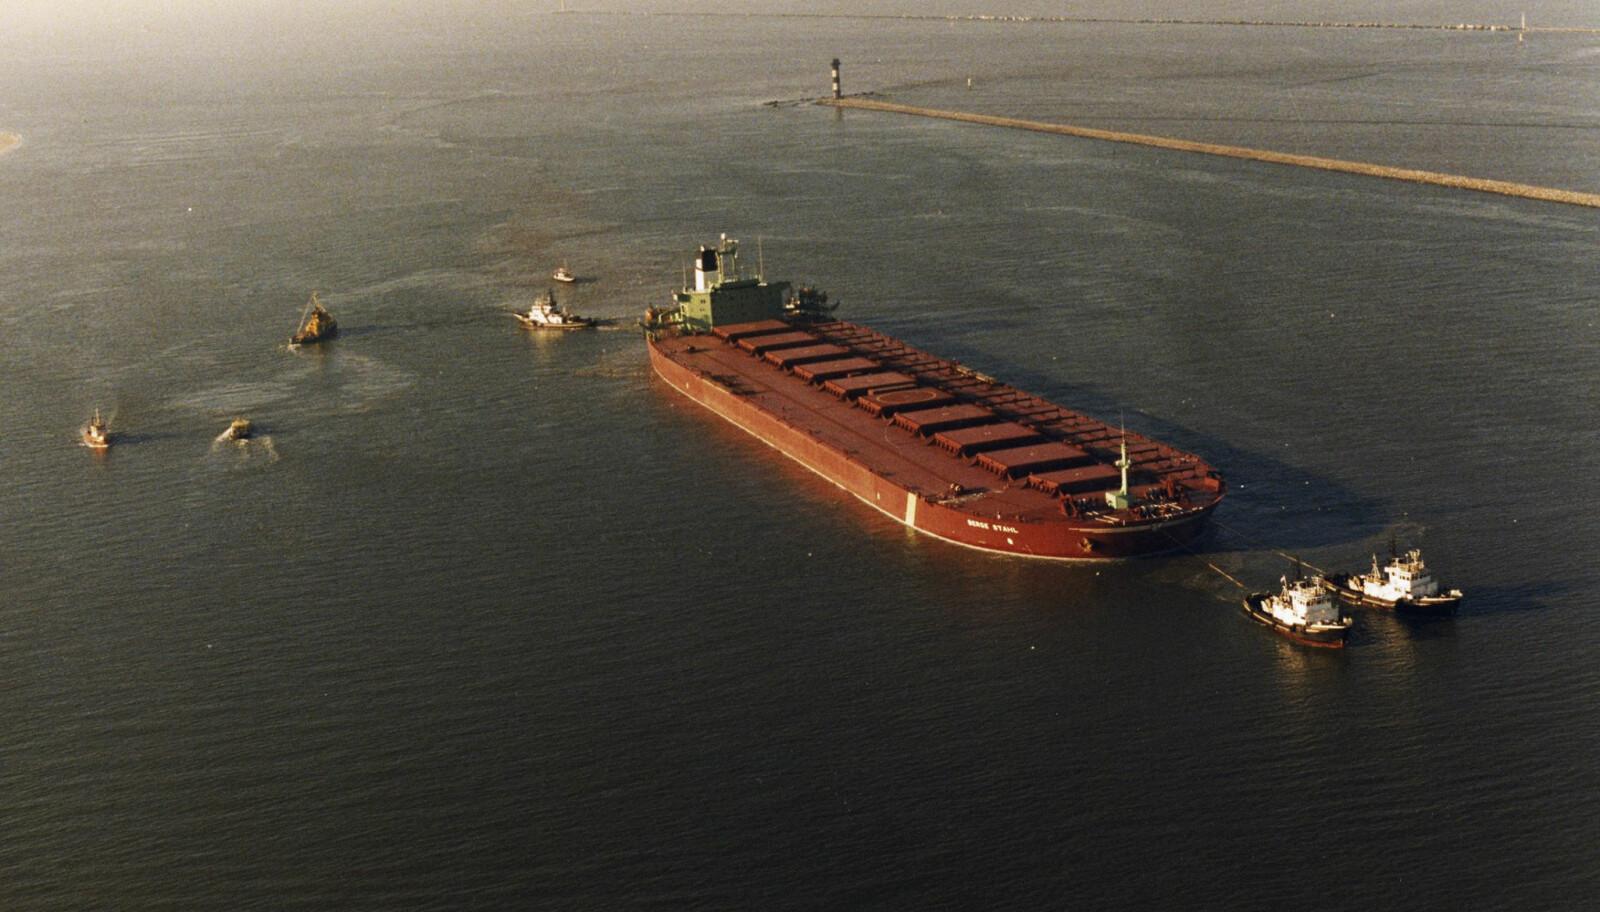 SLEPES: De siste meterne inn til havnen i Rotterdam ble kjempen slept av fire slepebåter som også hjalp til med å kontrollere farten.